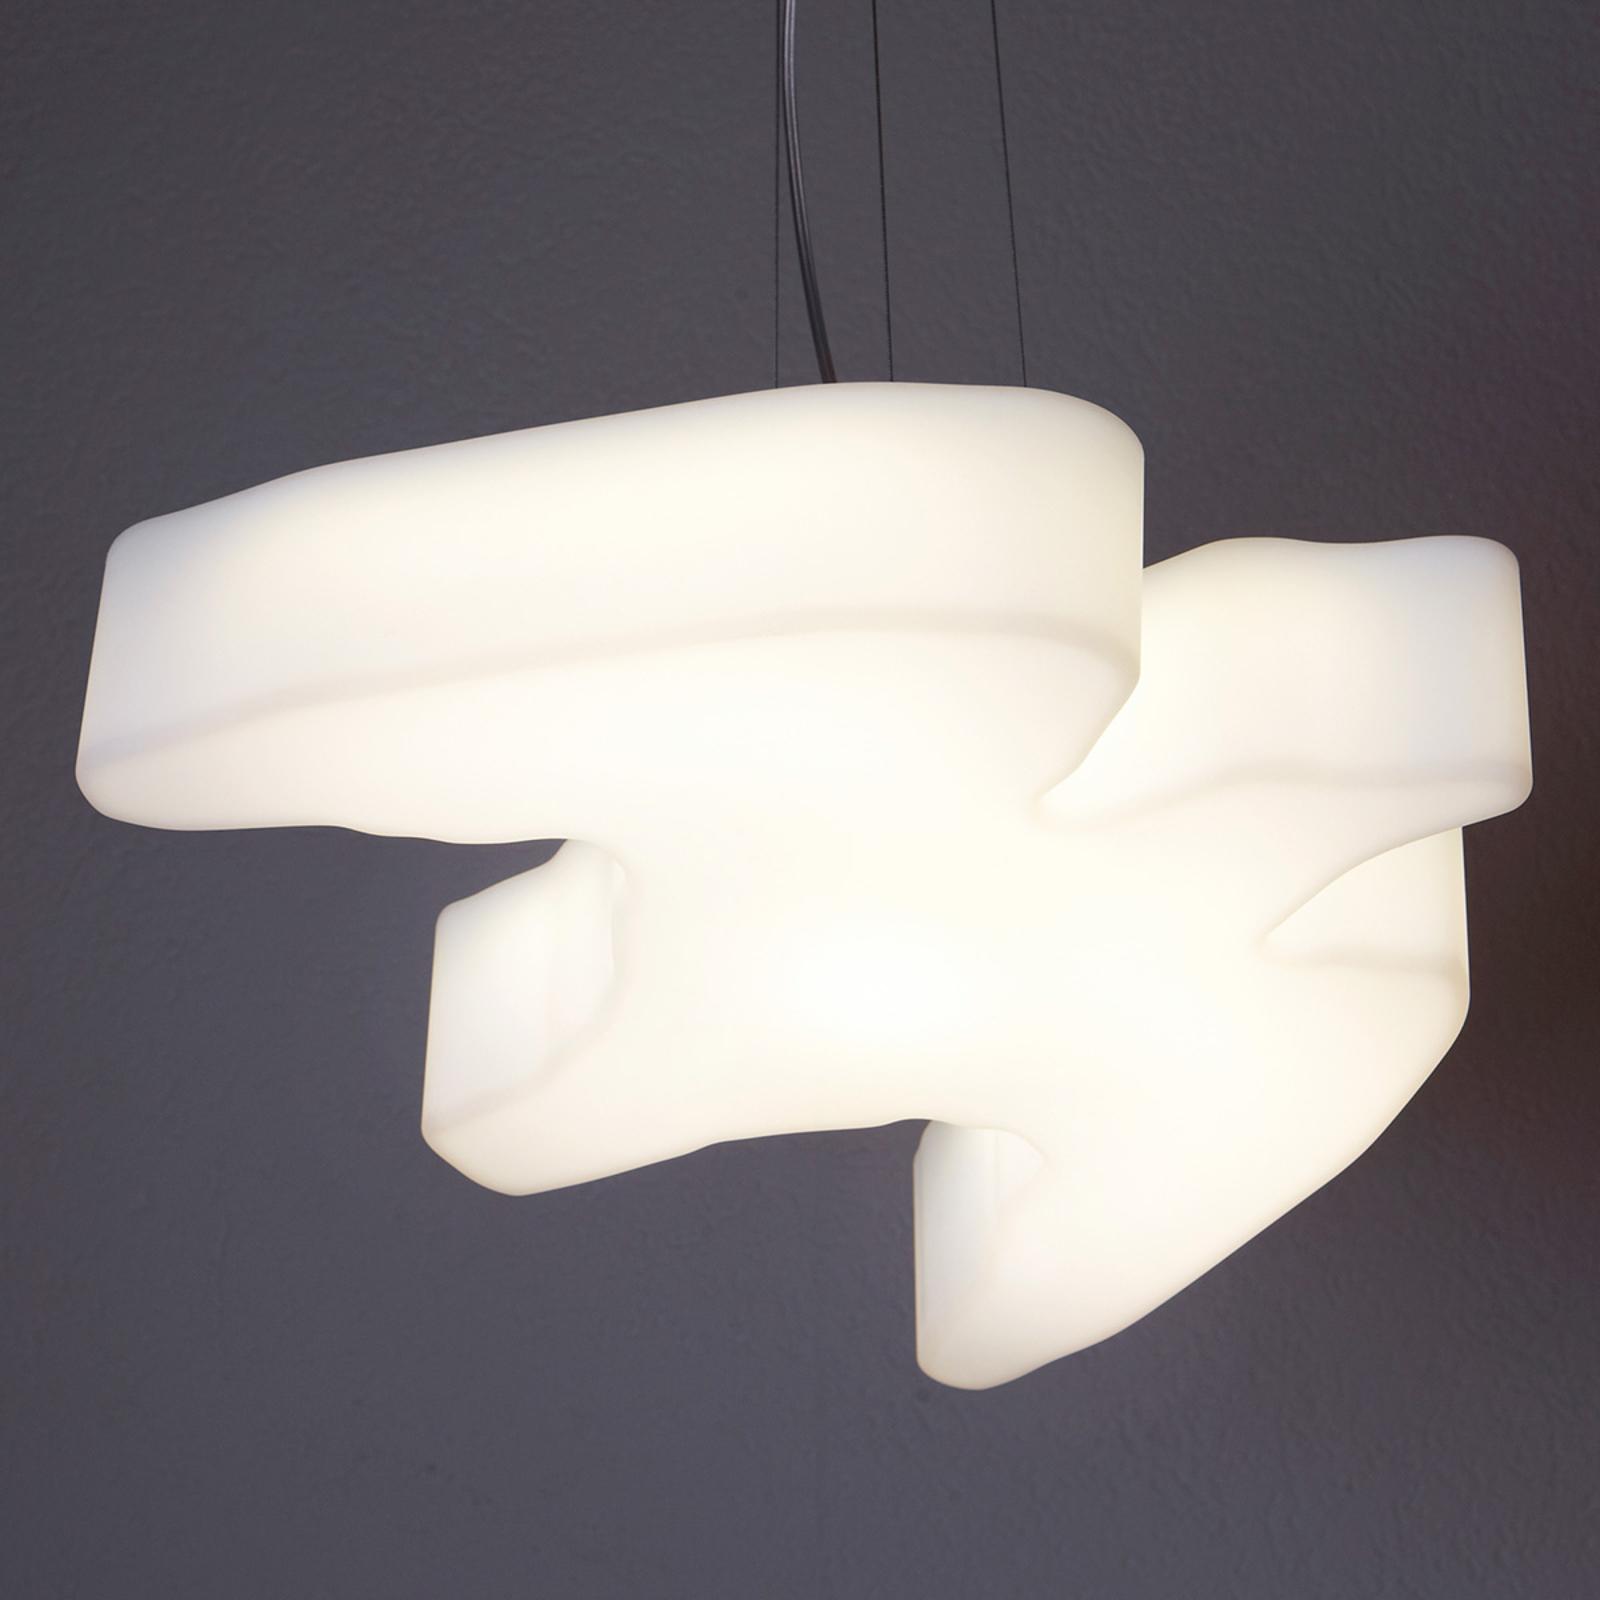 LED-Hängeleuchte The Bird